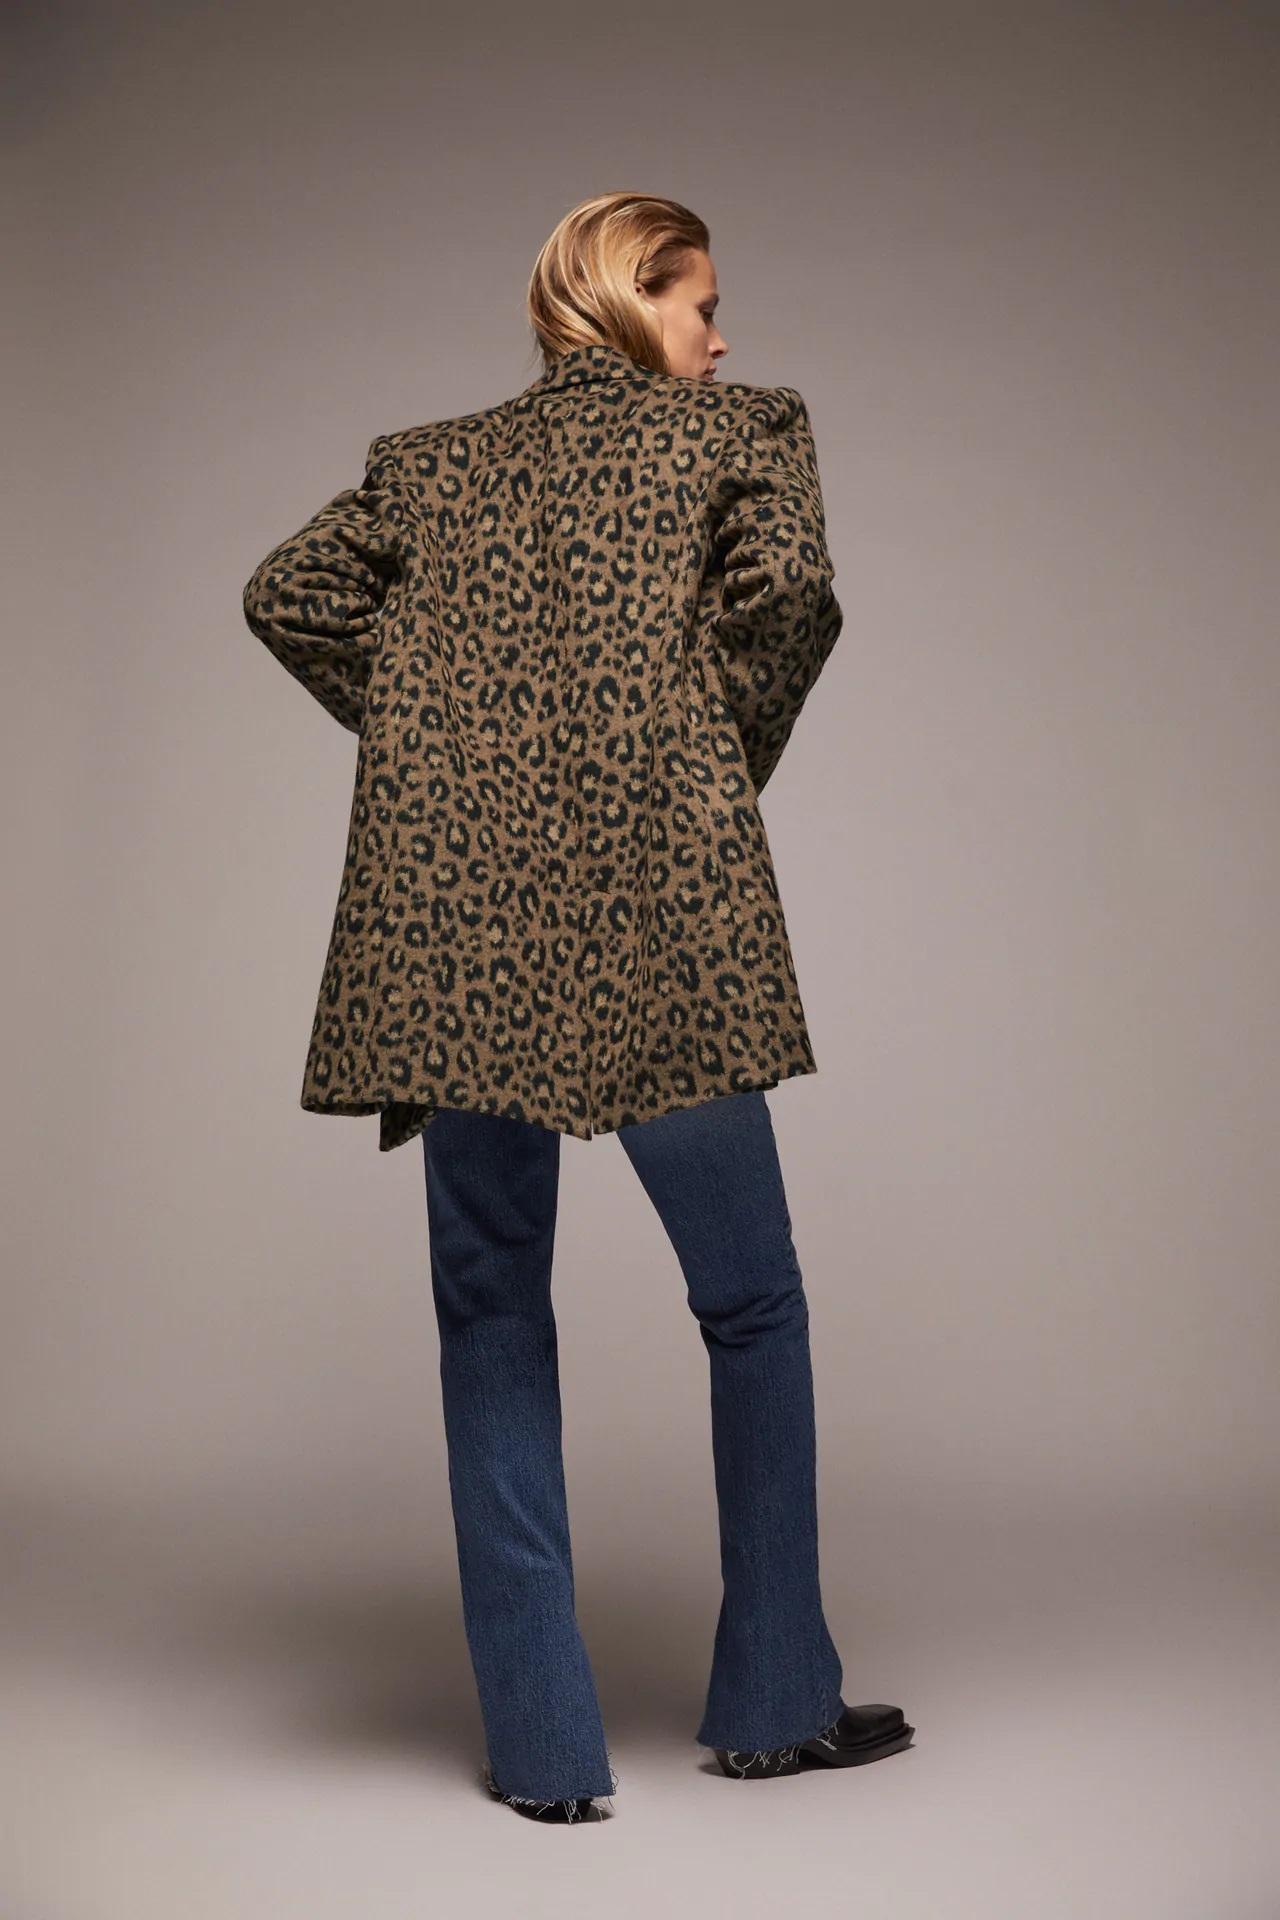 Zara: Este es el abrigo de animal print definitivo para este invierno